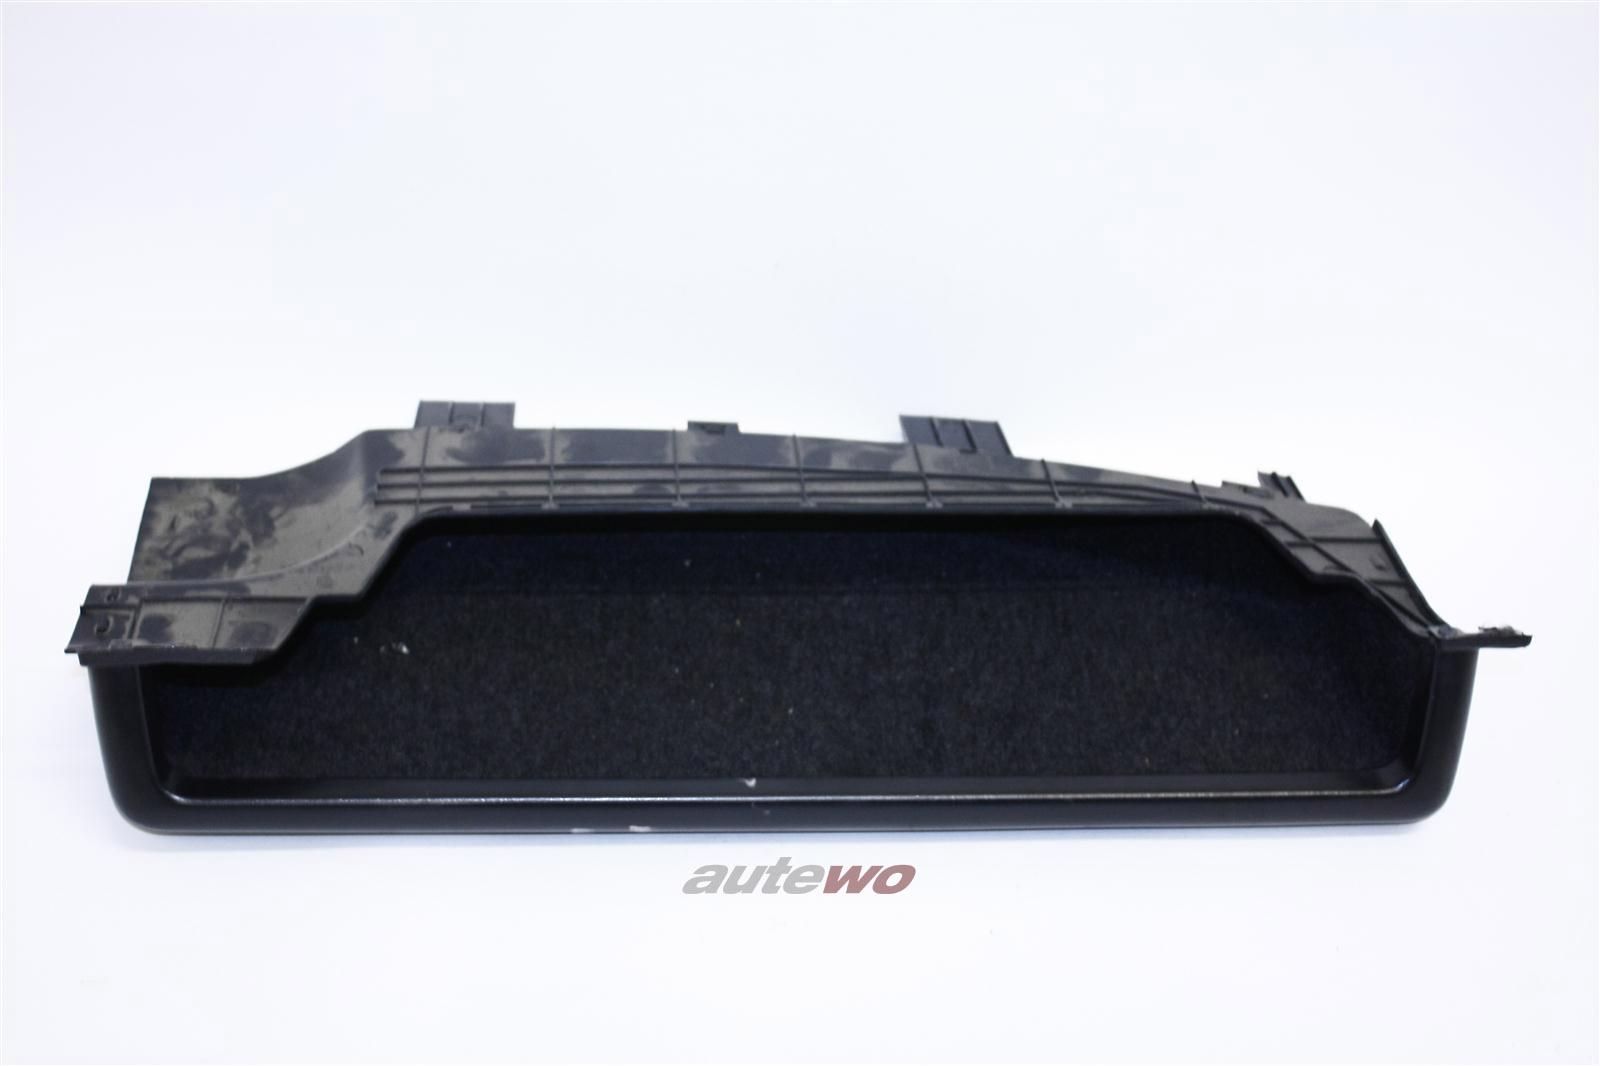 Audi 100/200 Typ 44 Ablagefach Amaturenbrett Rechts 01C Schwarz 443863076H